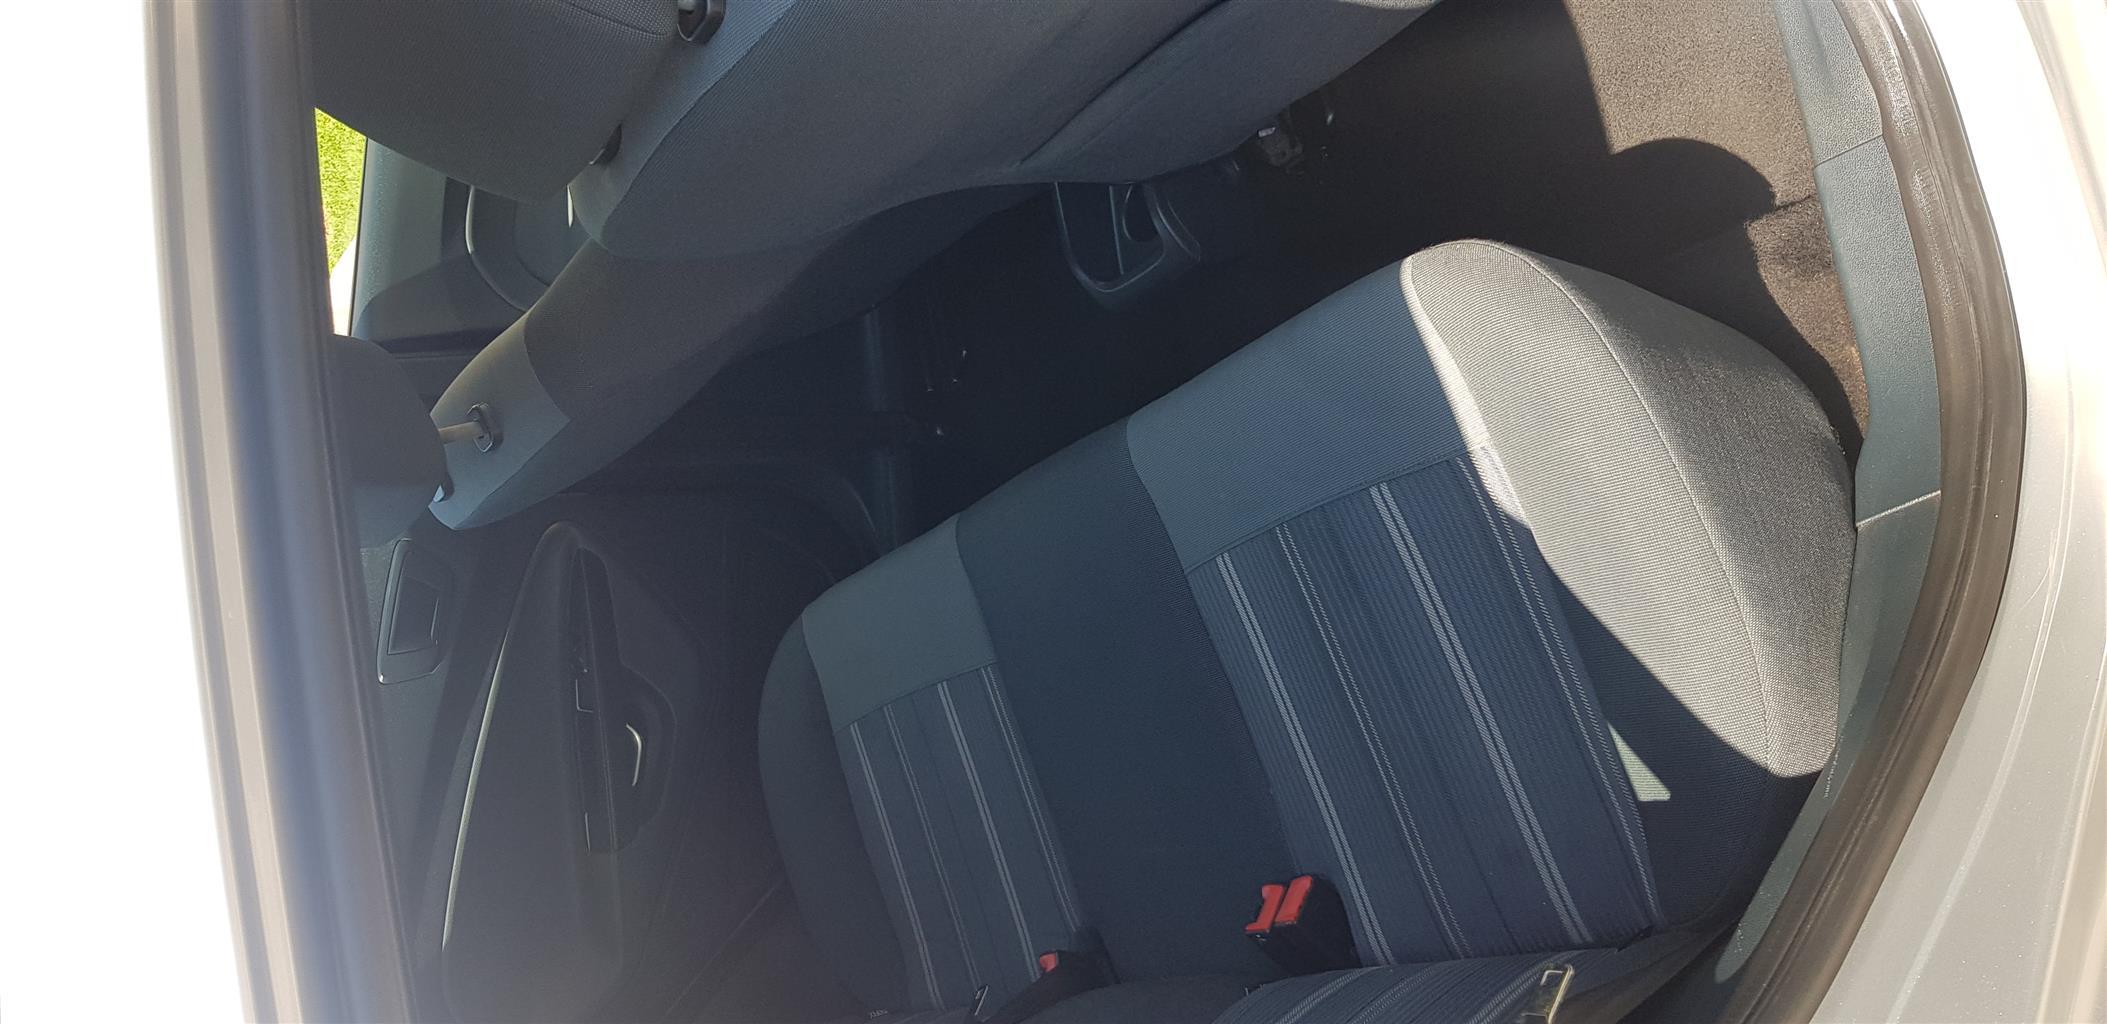 2011 Ford Fiesta 1.4i 5 door